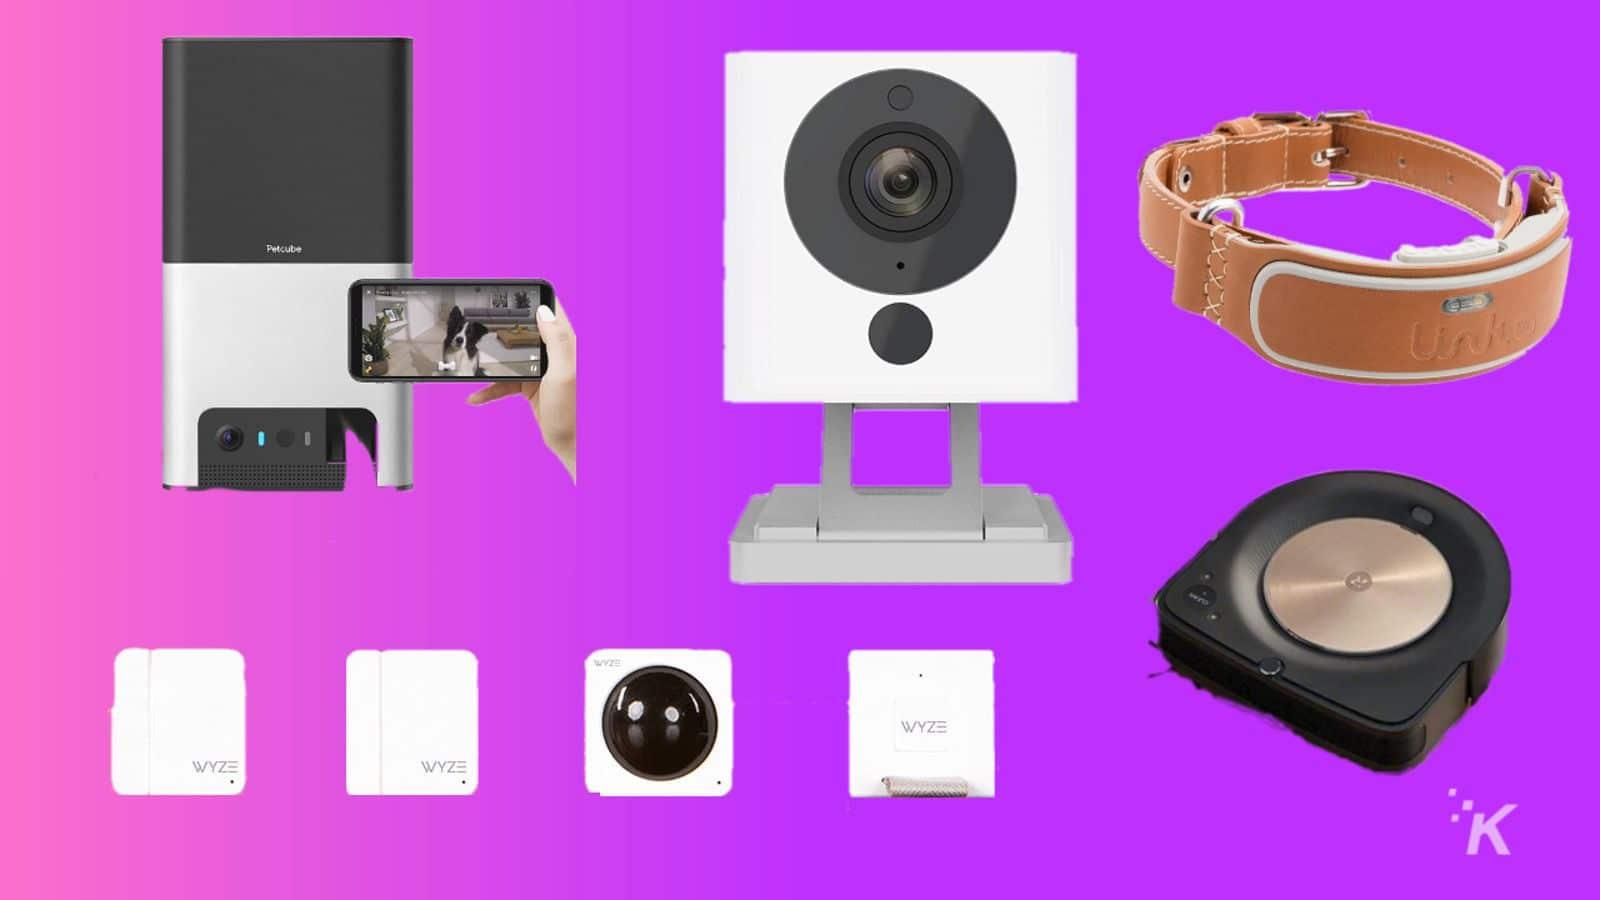 Haustier Gadgets knowtechie